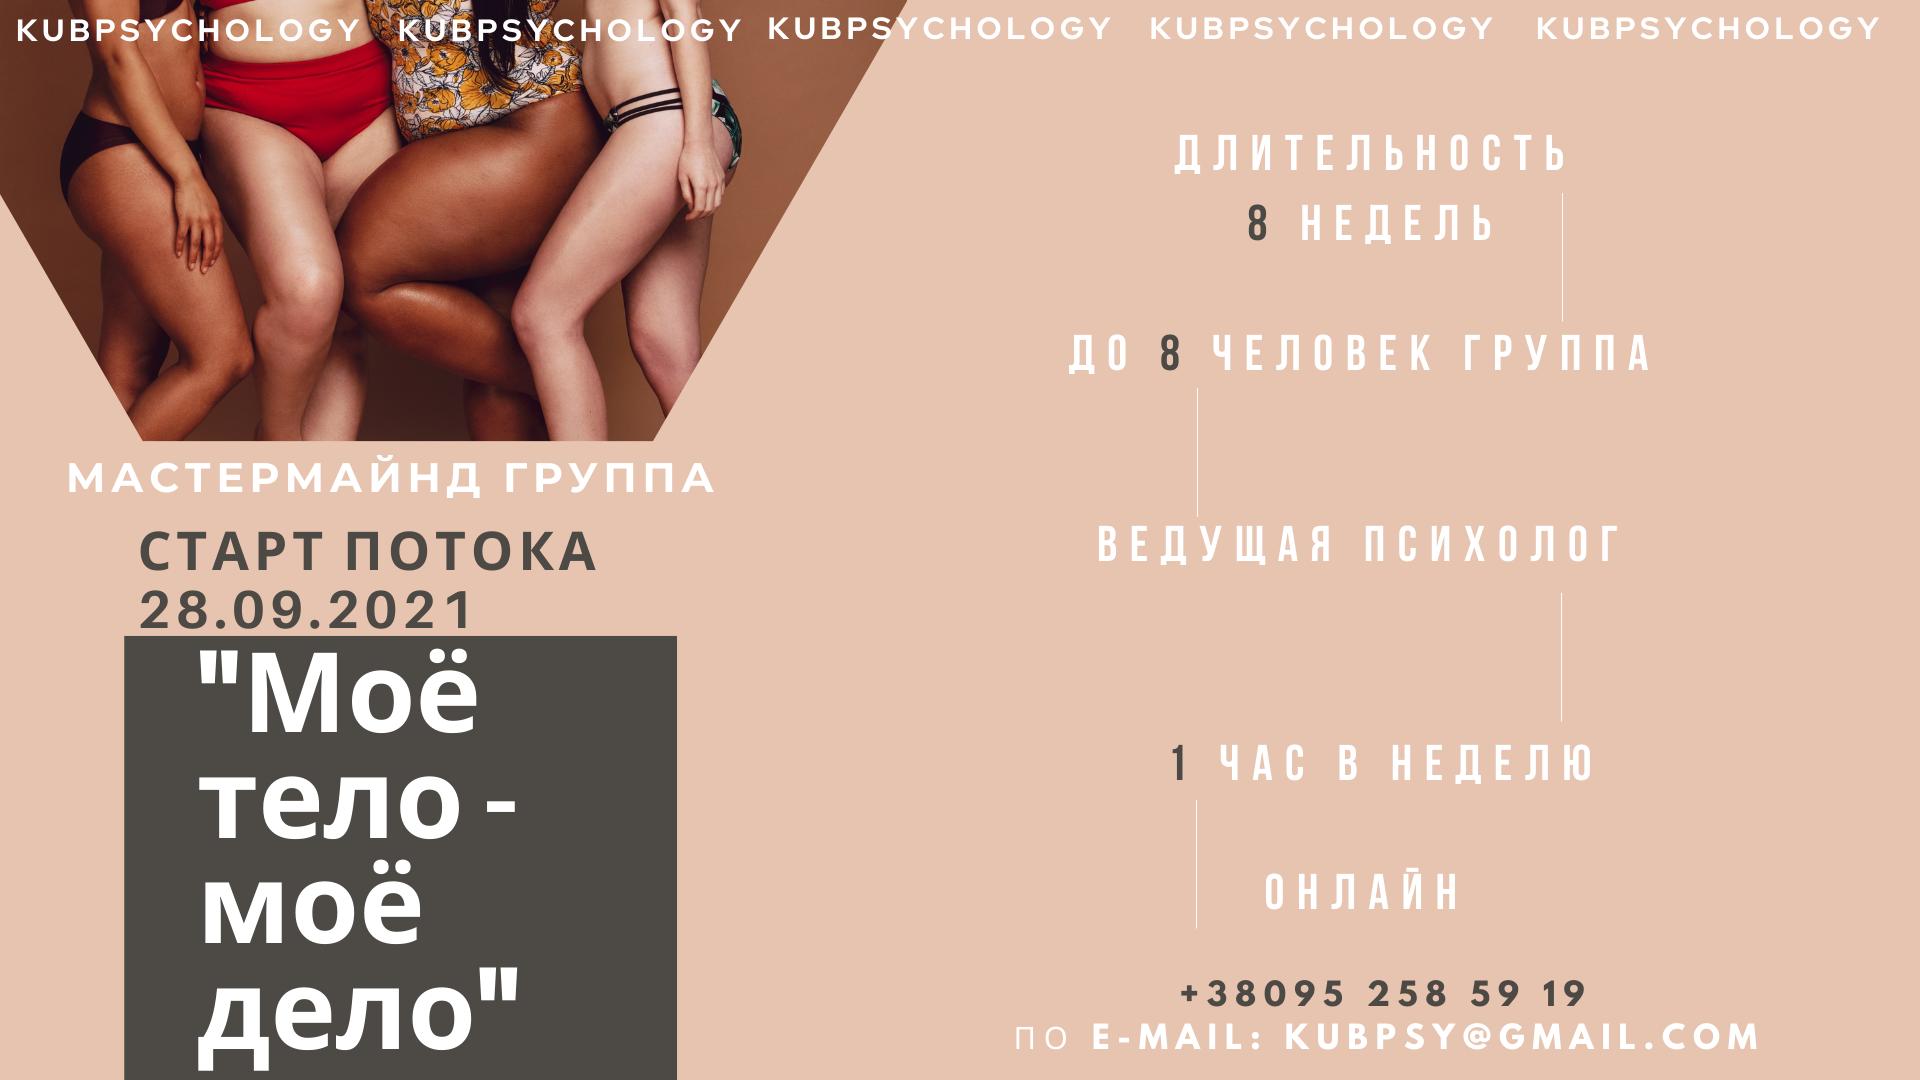 Нескучные будни: куда пойти в Киеве на неделе с 27 сентября по 1 октября - фото №3